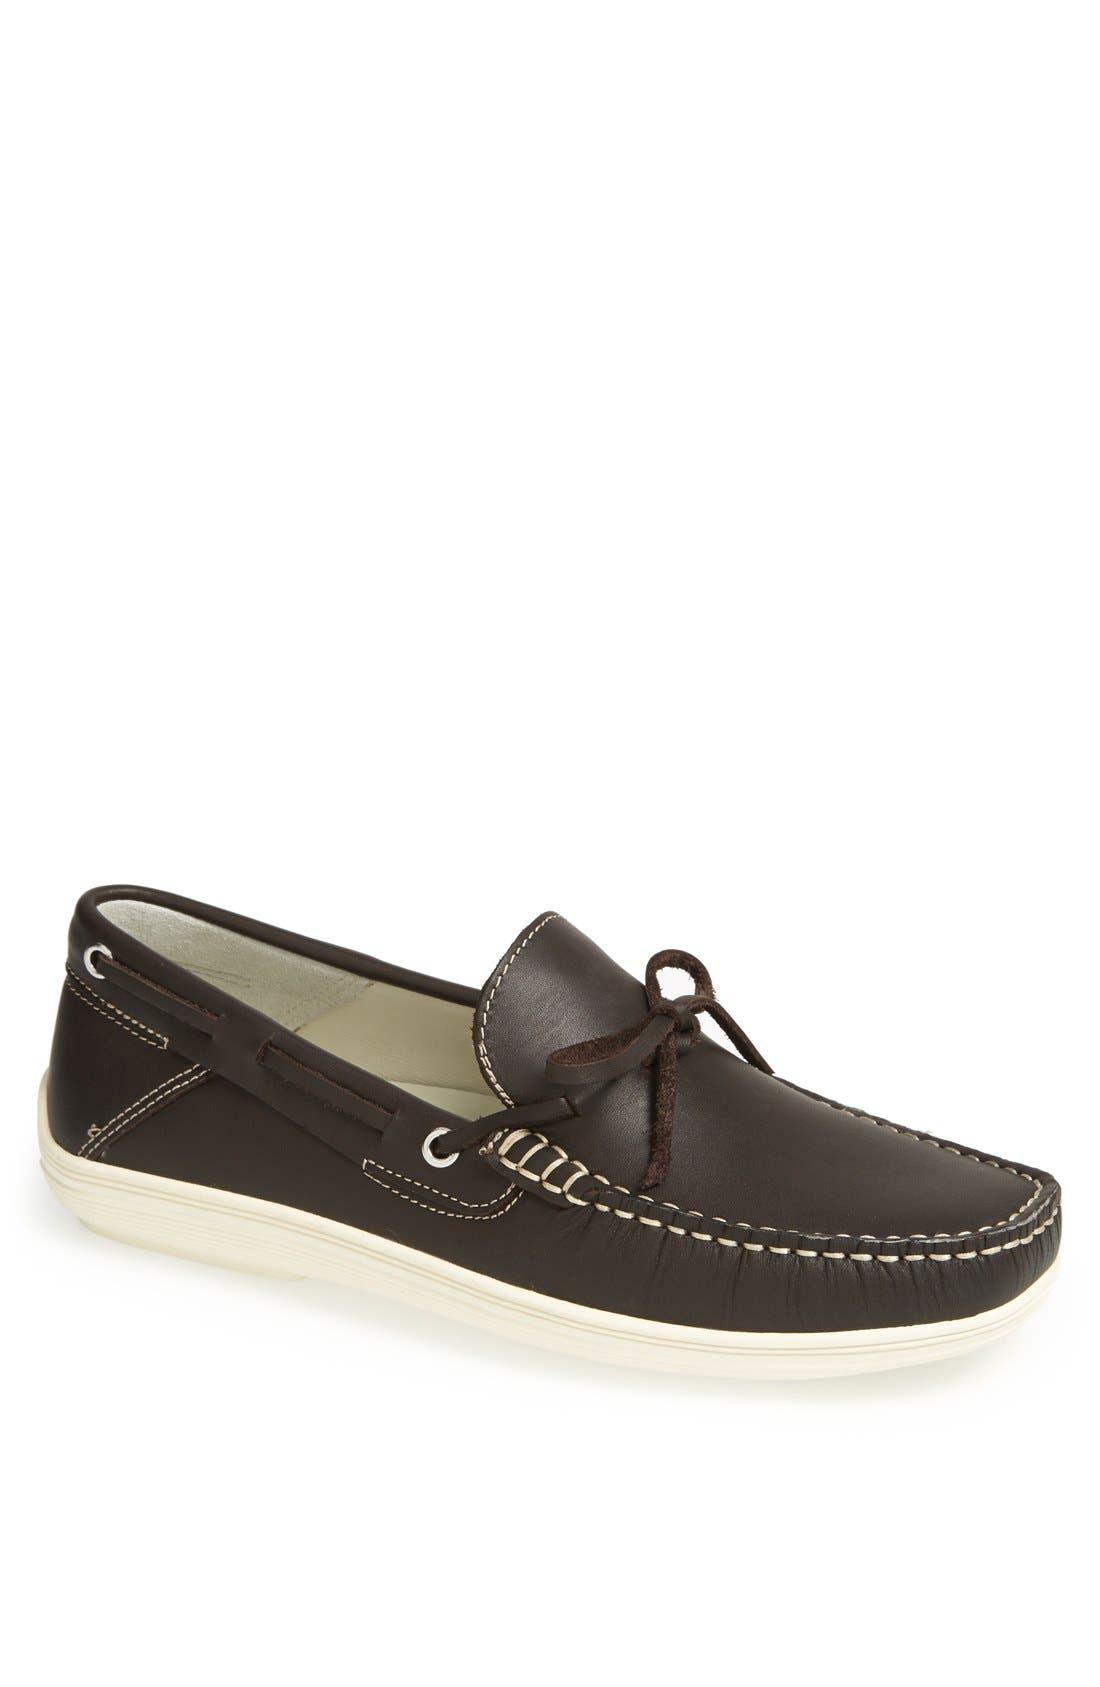 'Bonaire' Driving Shoe,                         Main,                         color, Dark Brown